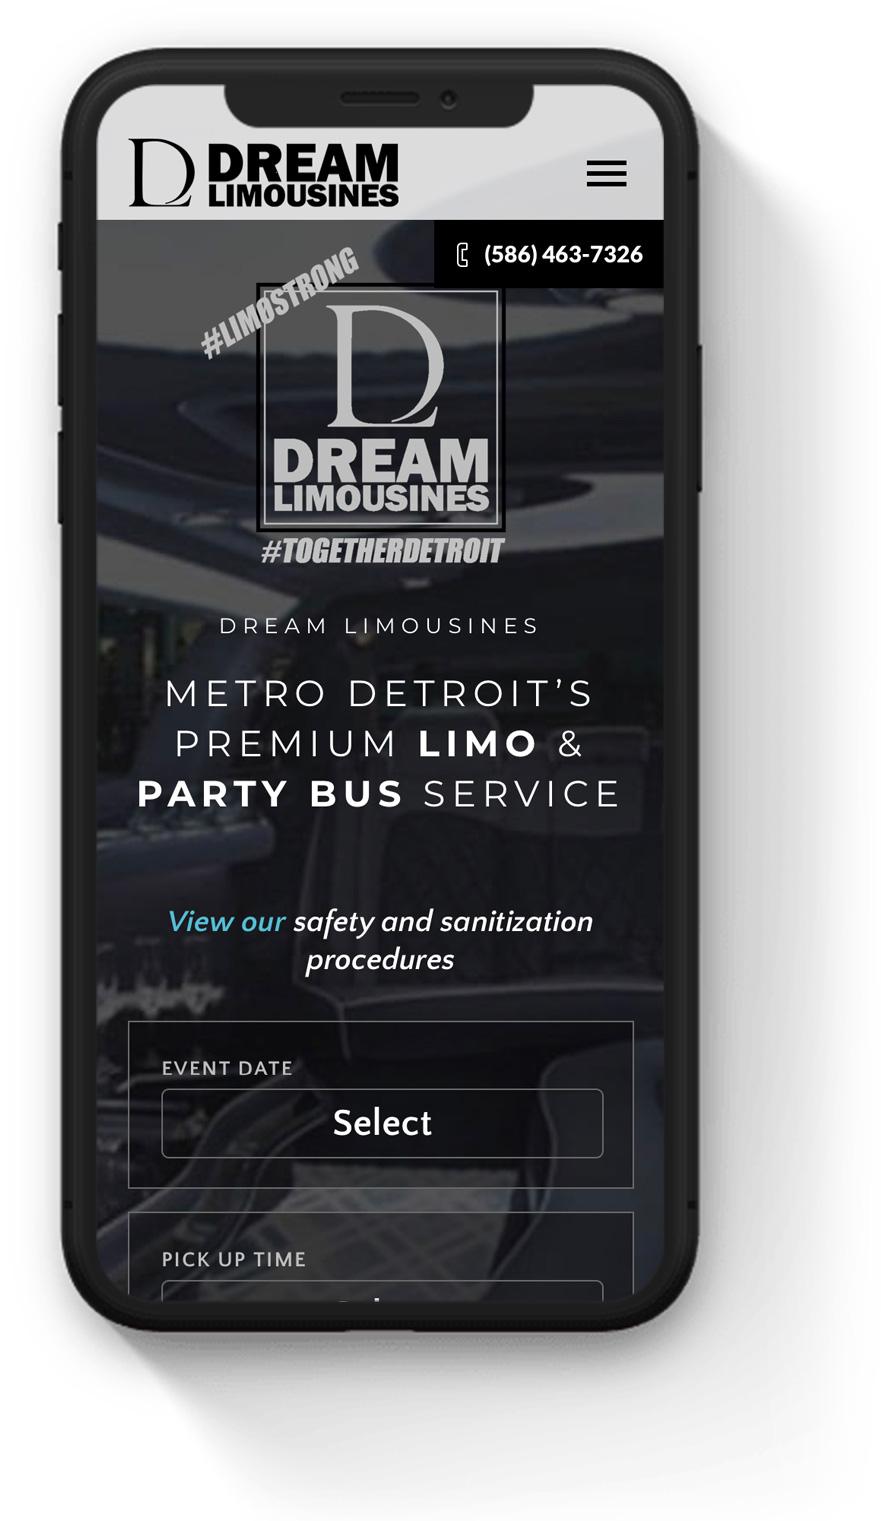 mobile limo service web design